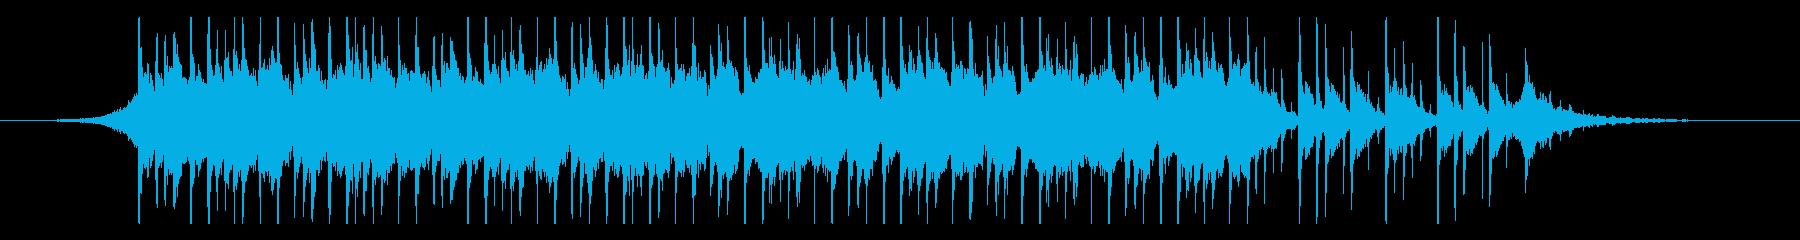 これはラマダンです(30秒)の再生済みの波形